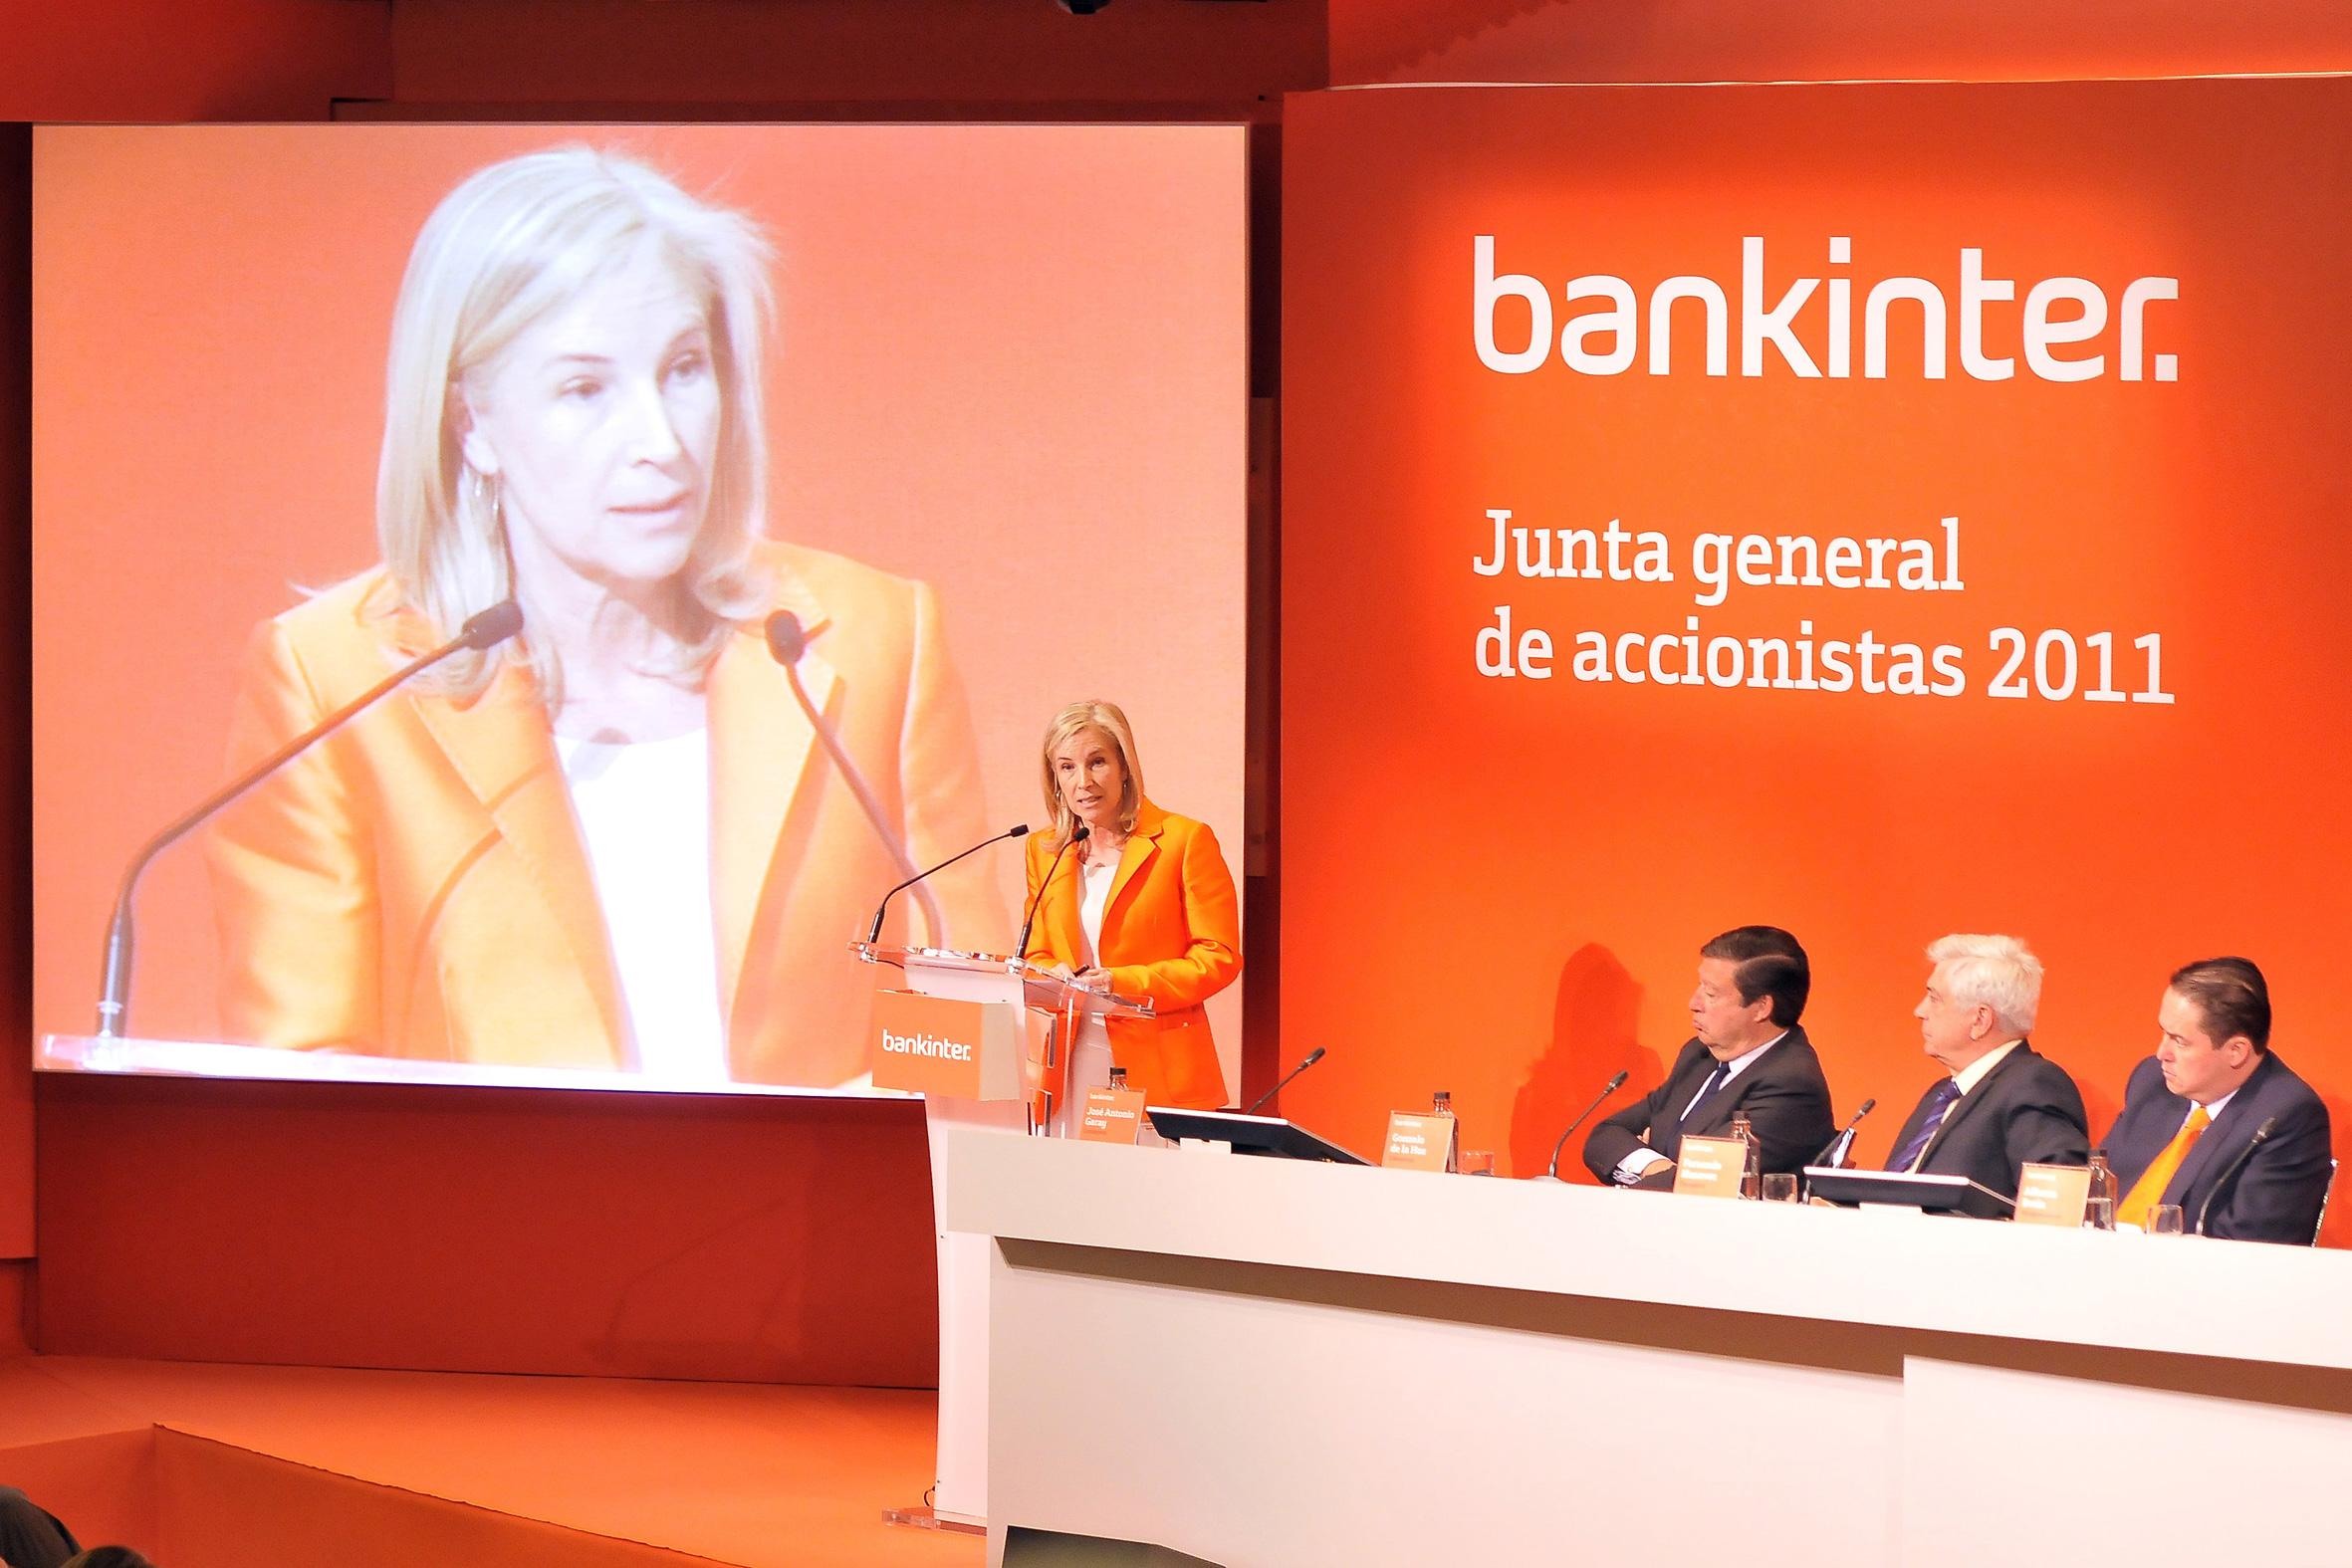 imagen de la última junta de accionistas de bankinter